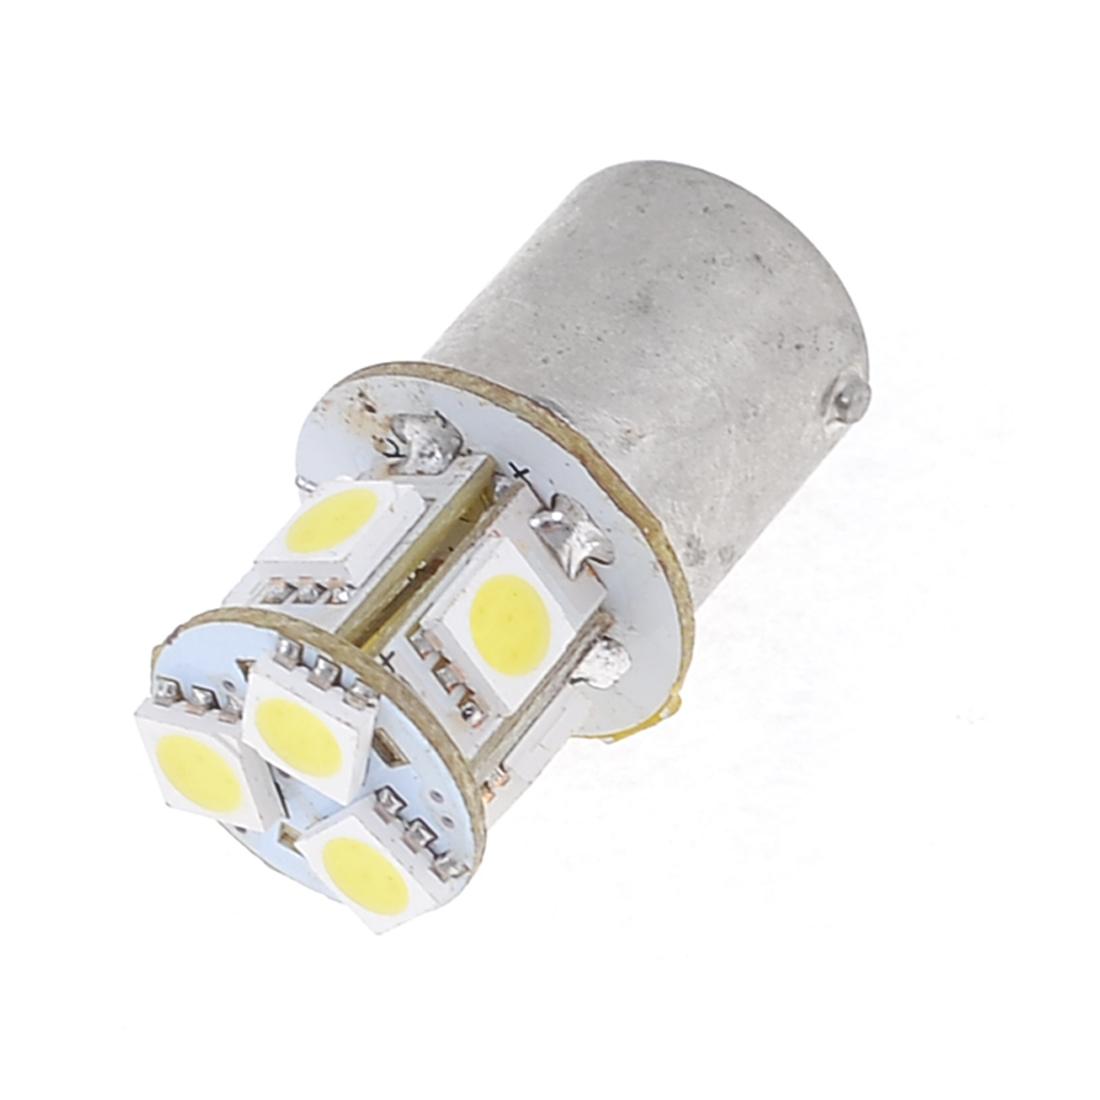 1156 BA15S P21W 5050 SMD 8-LED Turn Brake Light Bulbs White for Car